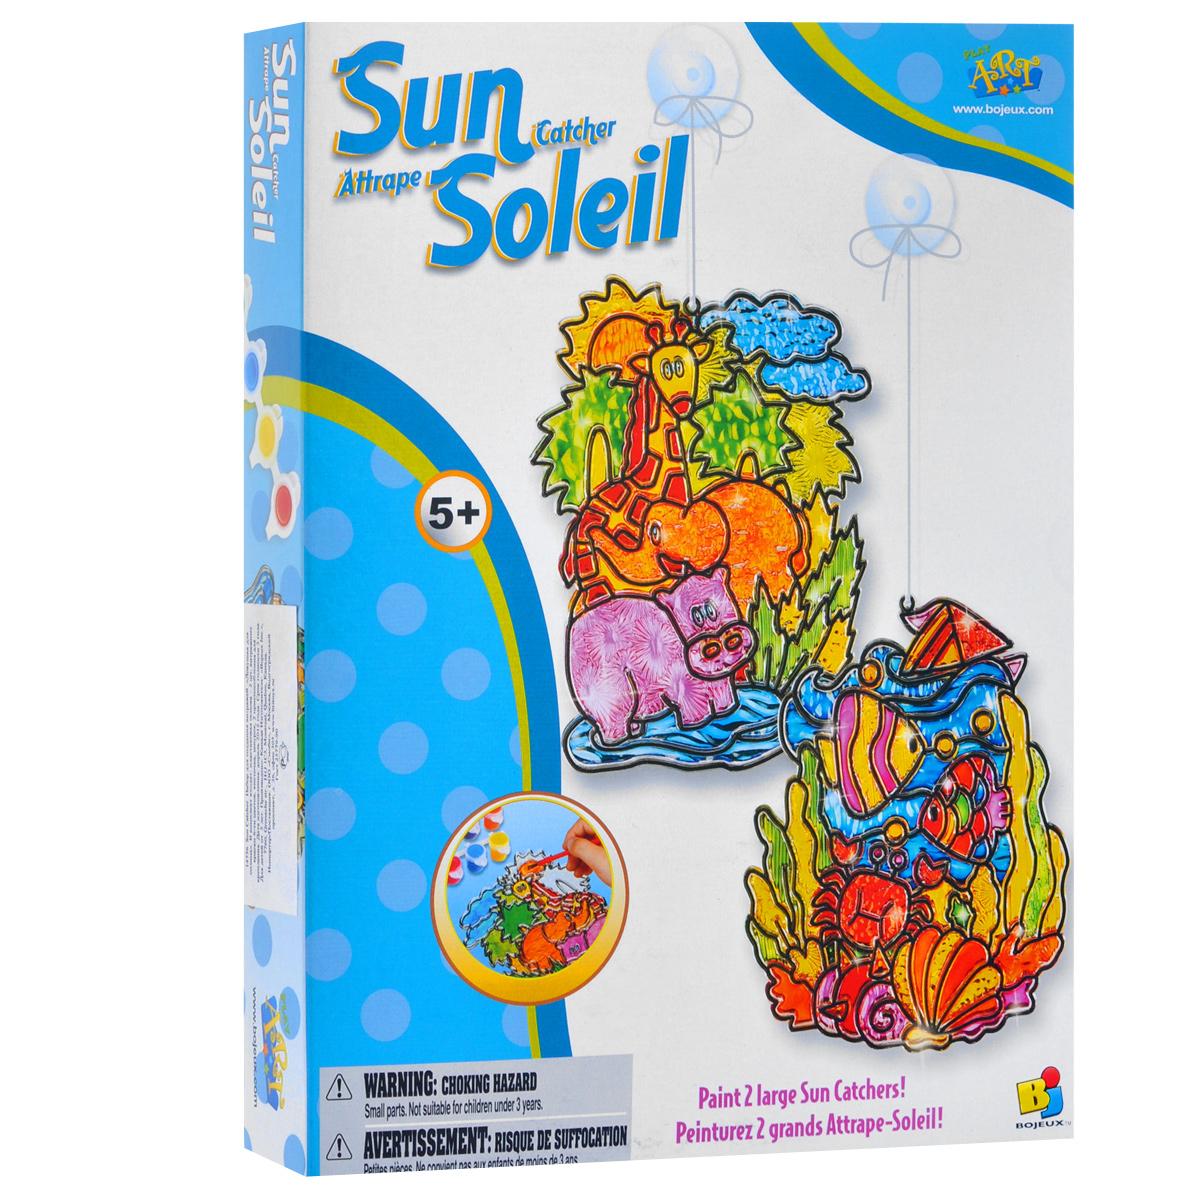 """Набор для создания витражей """"Ловушка для солнца"""" непременно привлечет внимание вашего маленького художника. В набор входят витражные краски шести цветов, две пластиковые основы, кисточка, шнурок и два приспособления для крепления. Раскрасьте пластиковую основу красками и подвесьте в нужное место, воспользовавшись шнурком и креплением. С помощью этого набора вы отлично украсите интерьер своего дома!"""